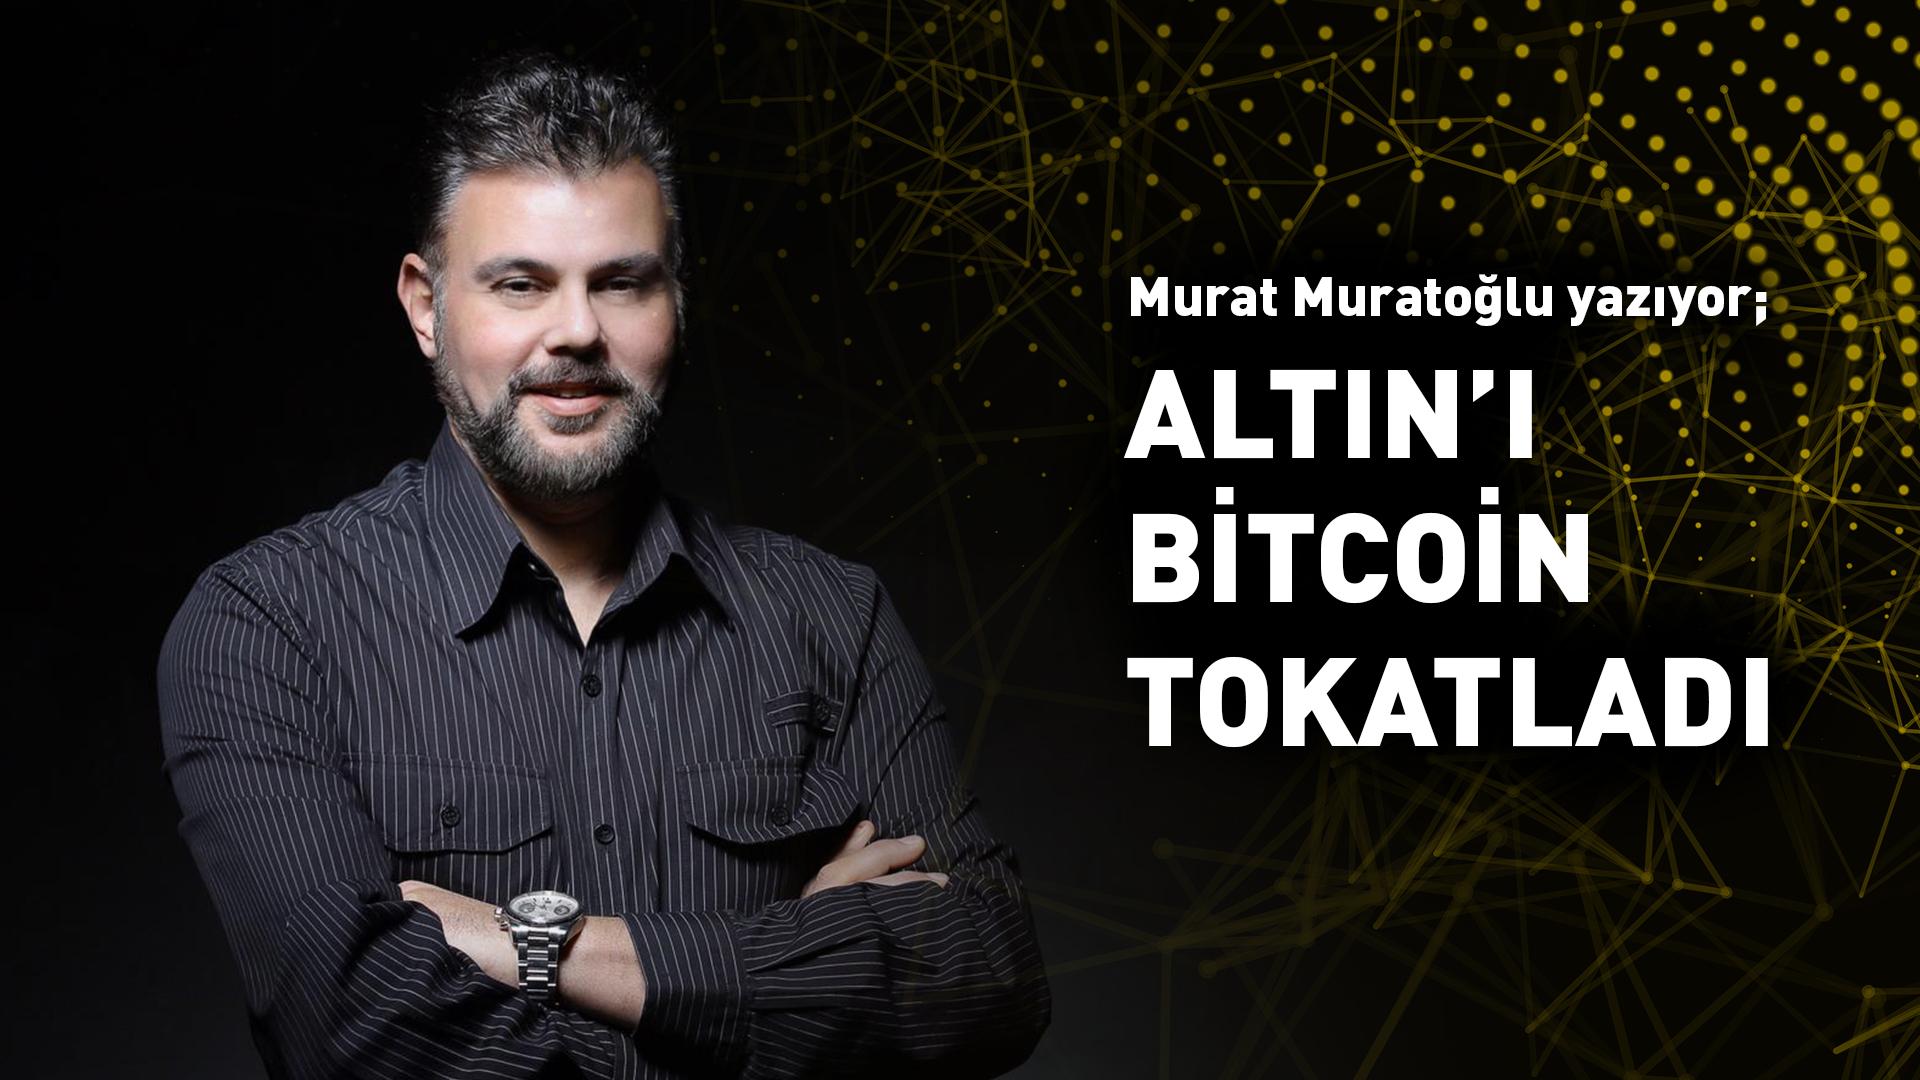 Murat Muratoglu 3 1 Bay Bilen Kripto Haber